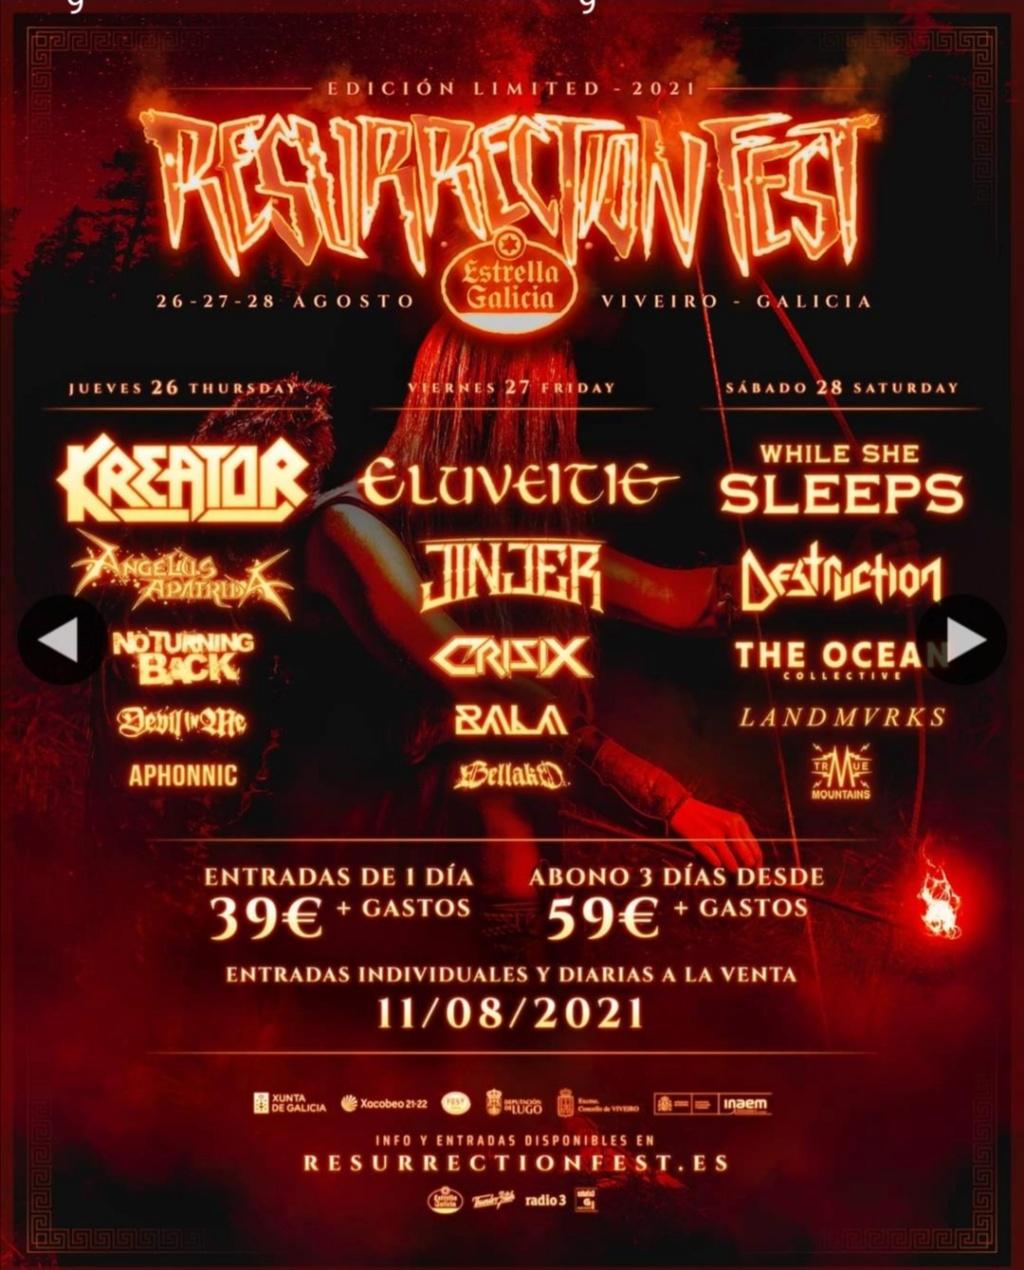 Resurrection Fest Estrella Galicia 2022. (29 - 3 Julio) Avenged Sevenfold, KoRn, Deftones, Sabaton y Bourbon! - Página 12 Screen18